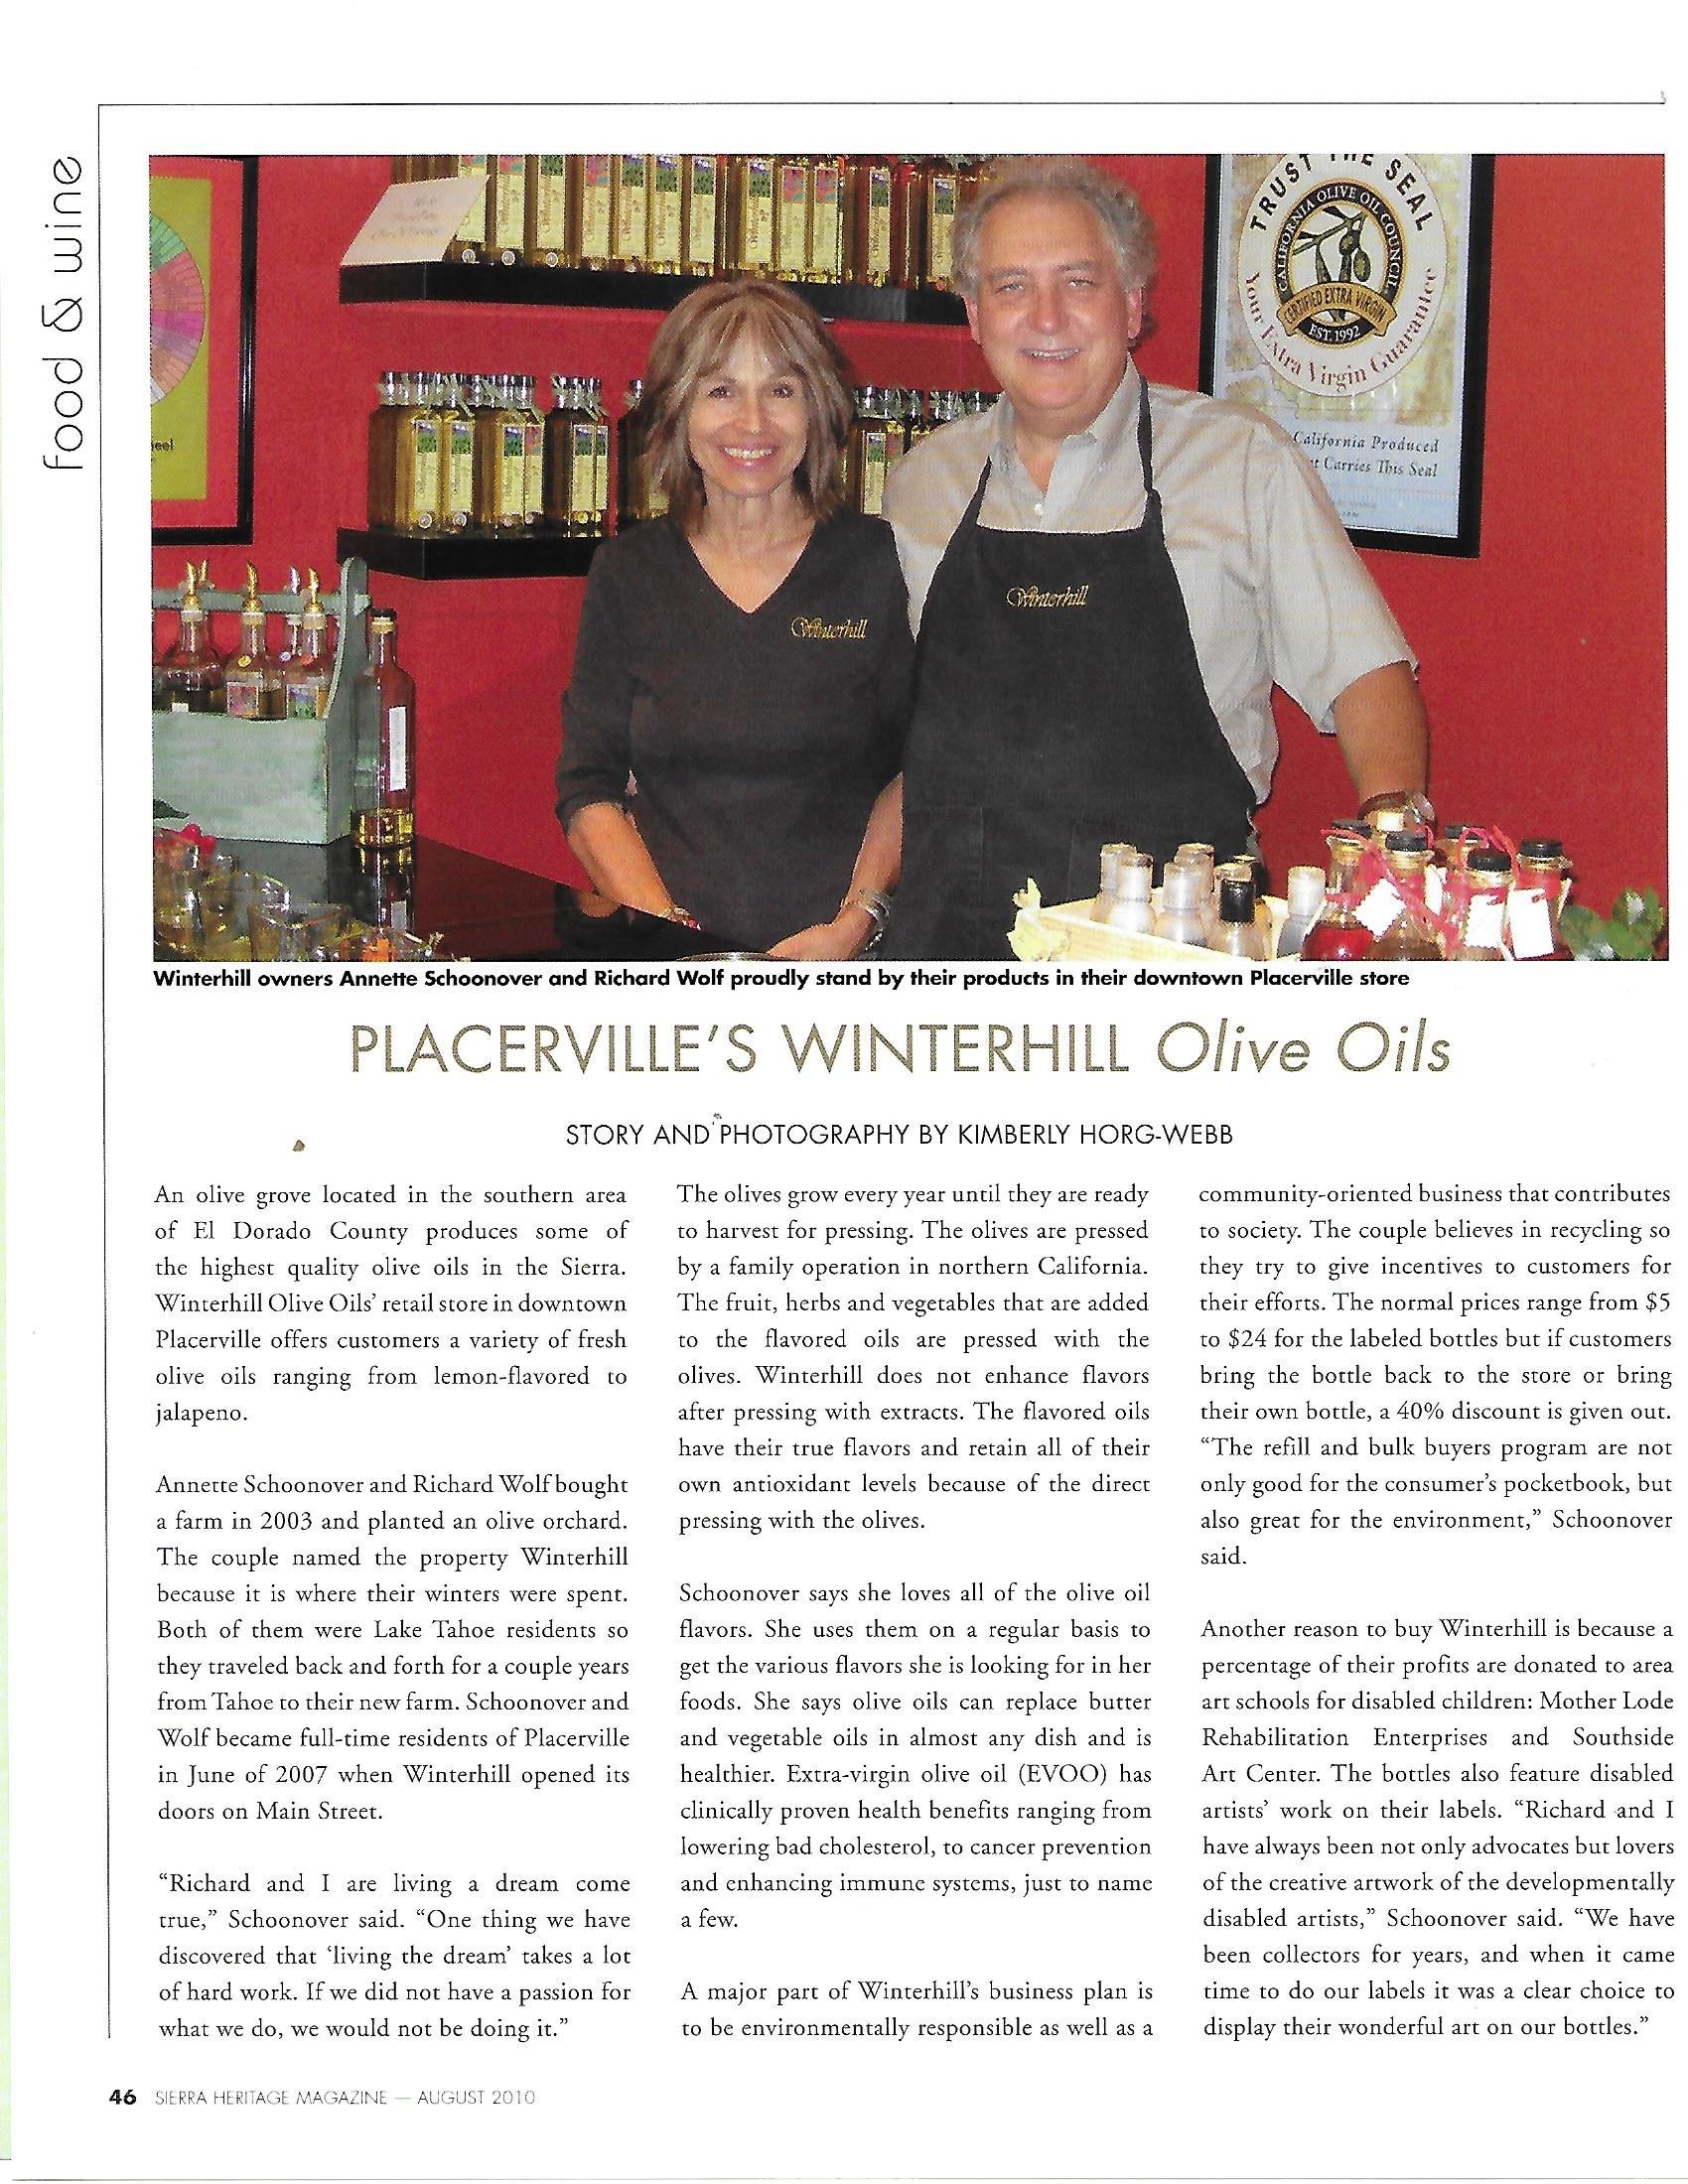 Placerville Olive Oils_0001.jpg